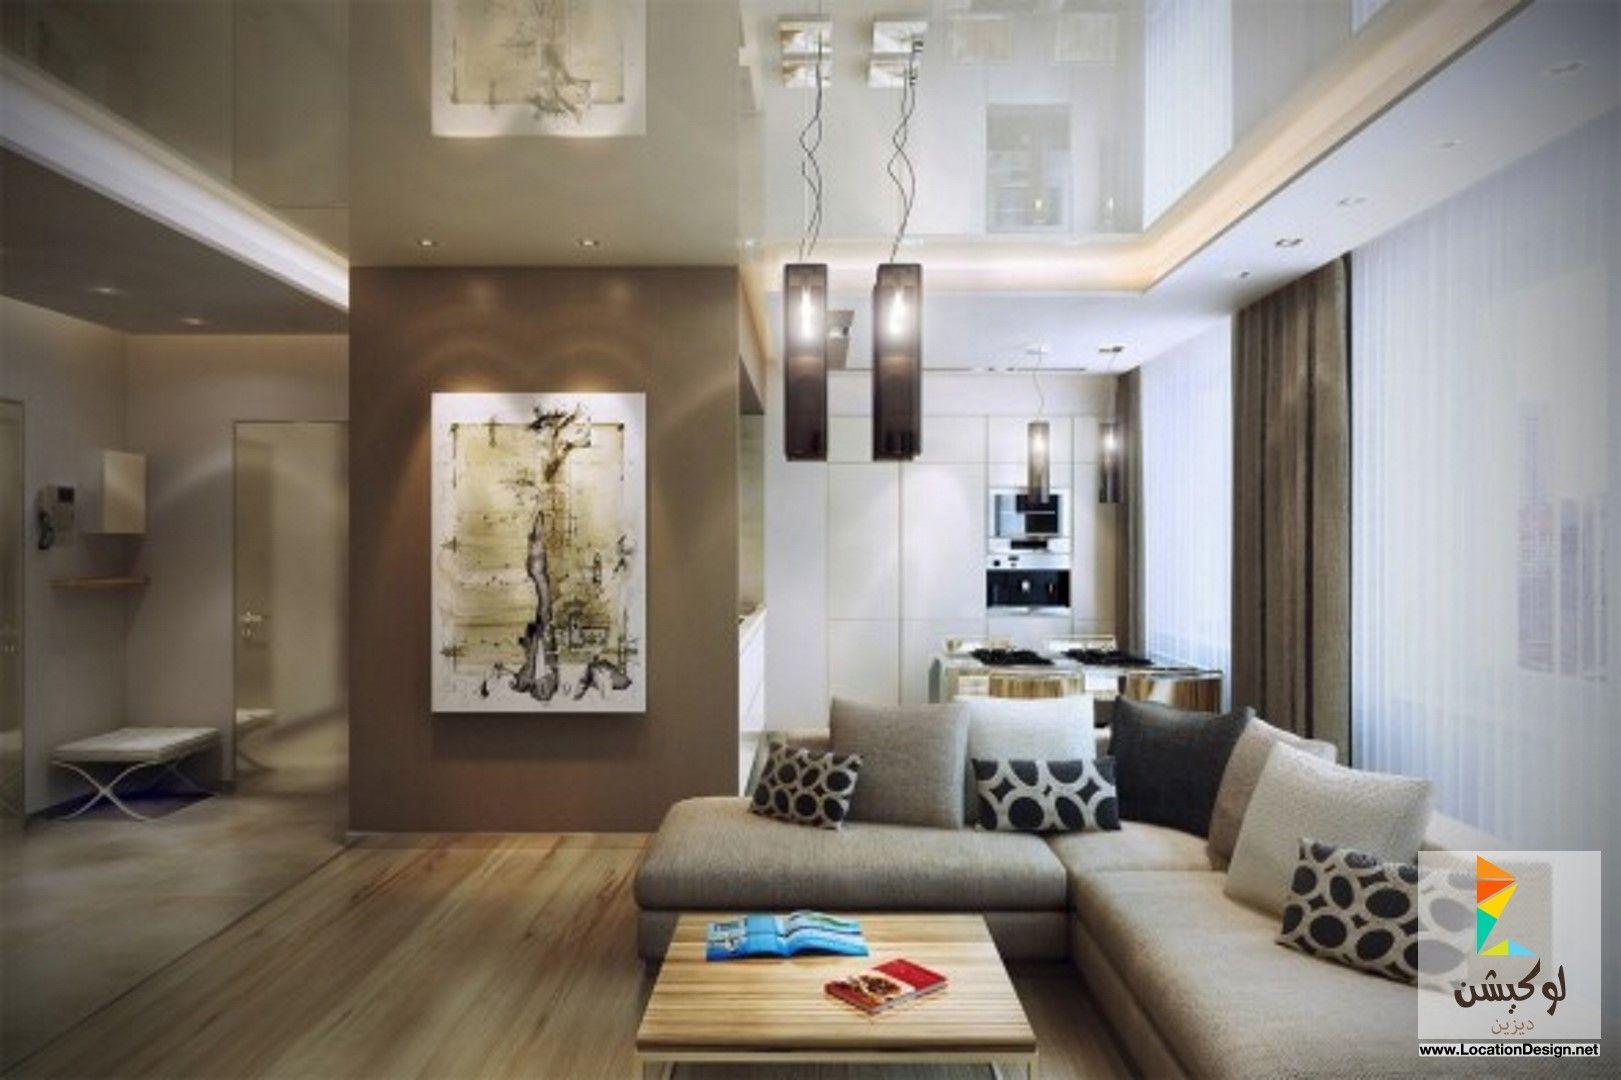 أفضل ديكورات غرف جلوس للمساحات الصغيره لوكيشن ديزاين تصميمات ديكورات أفكار جديدة مصر House Decor Modern Living Room Decor Modern Home Interior Design